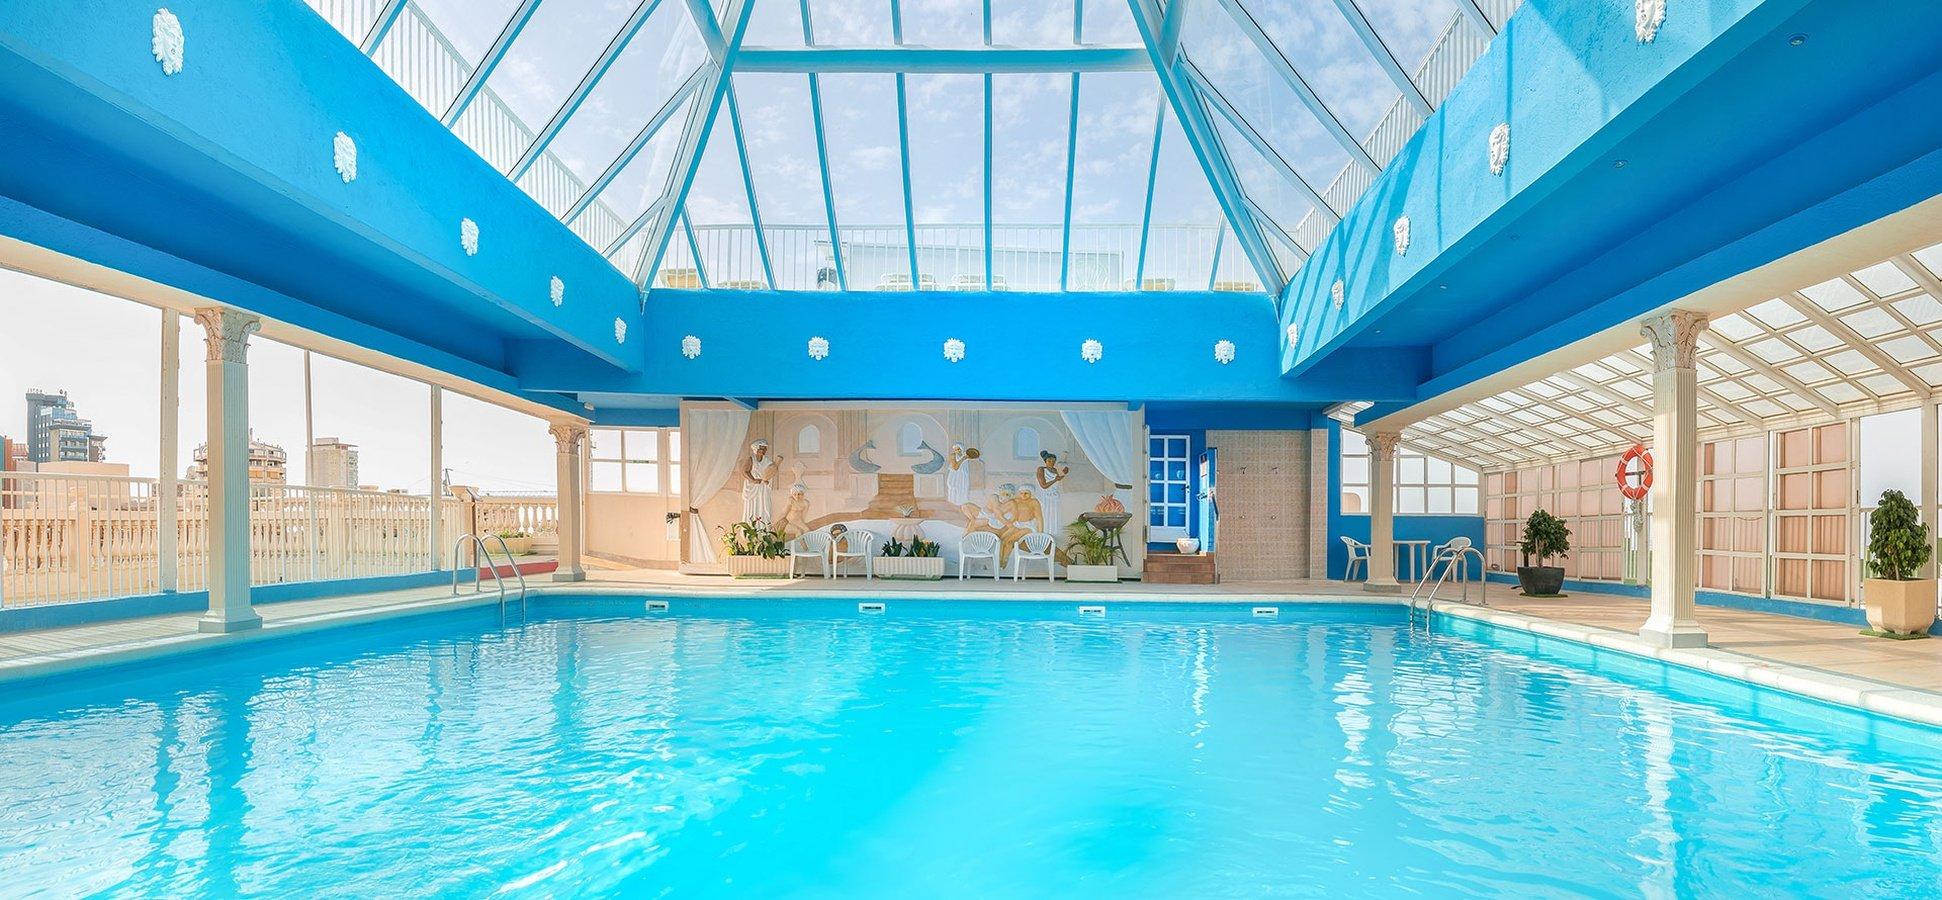 Hotel Magic Cristal Park En Benidorm Web Oficial